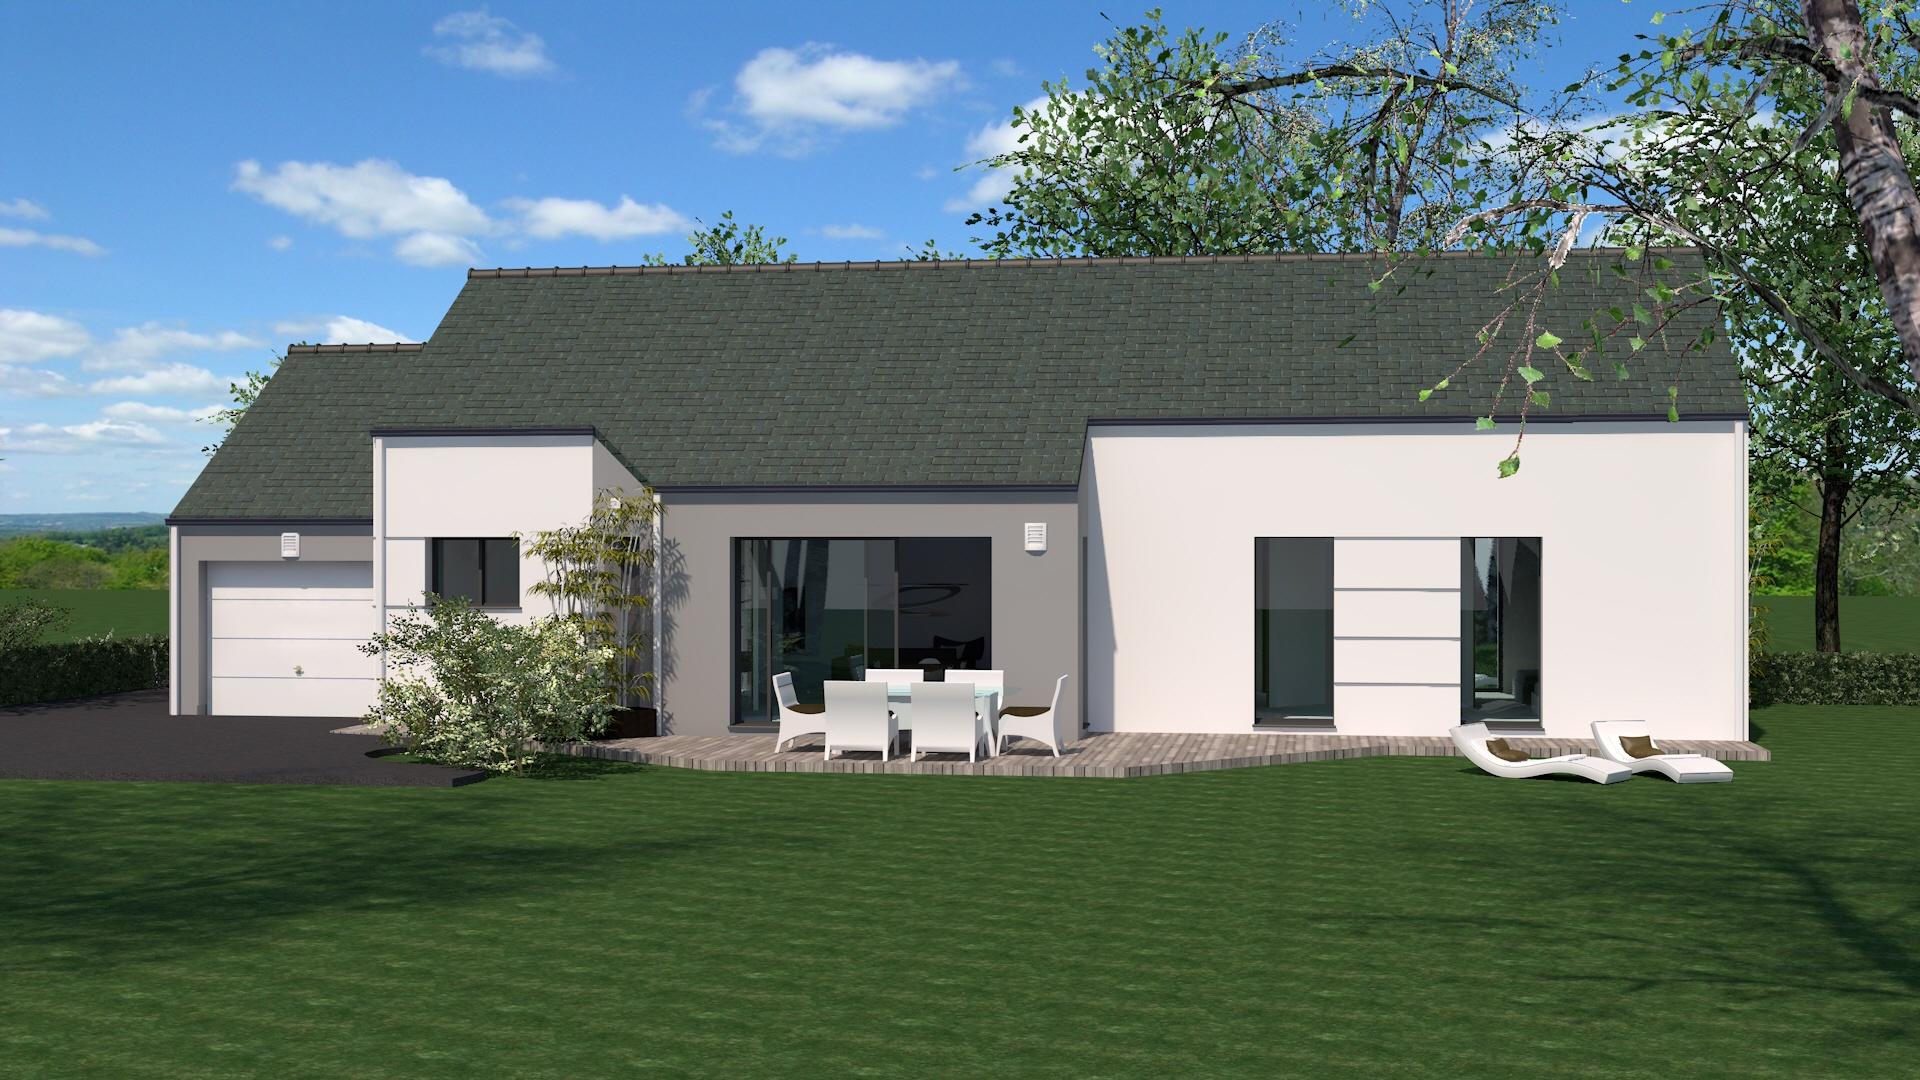 Maisons + Terrains du constructeur MAISON BRIOT NANTES • 95 m² • LE LANDREAU